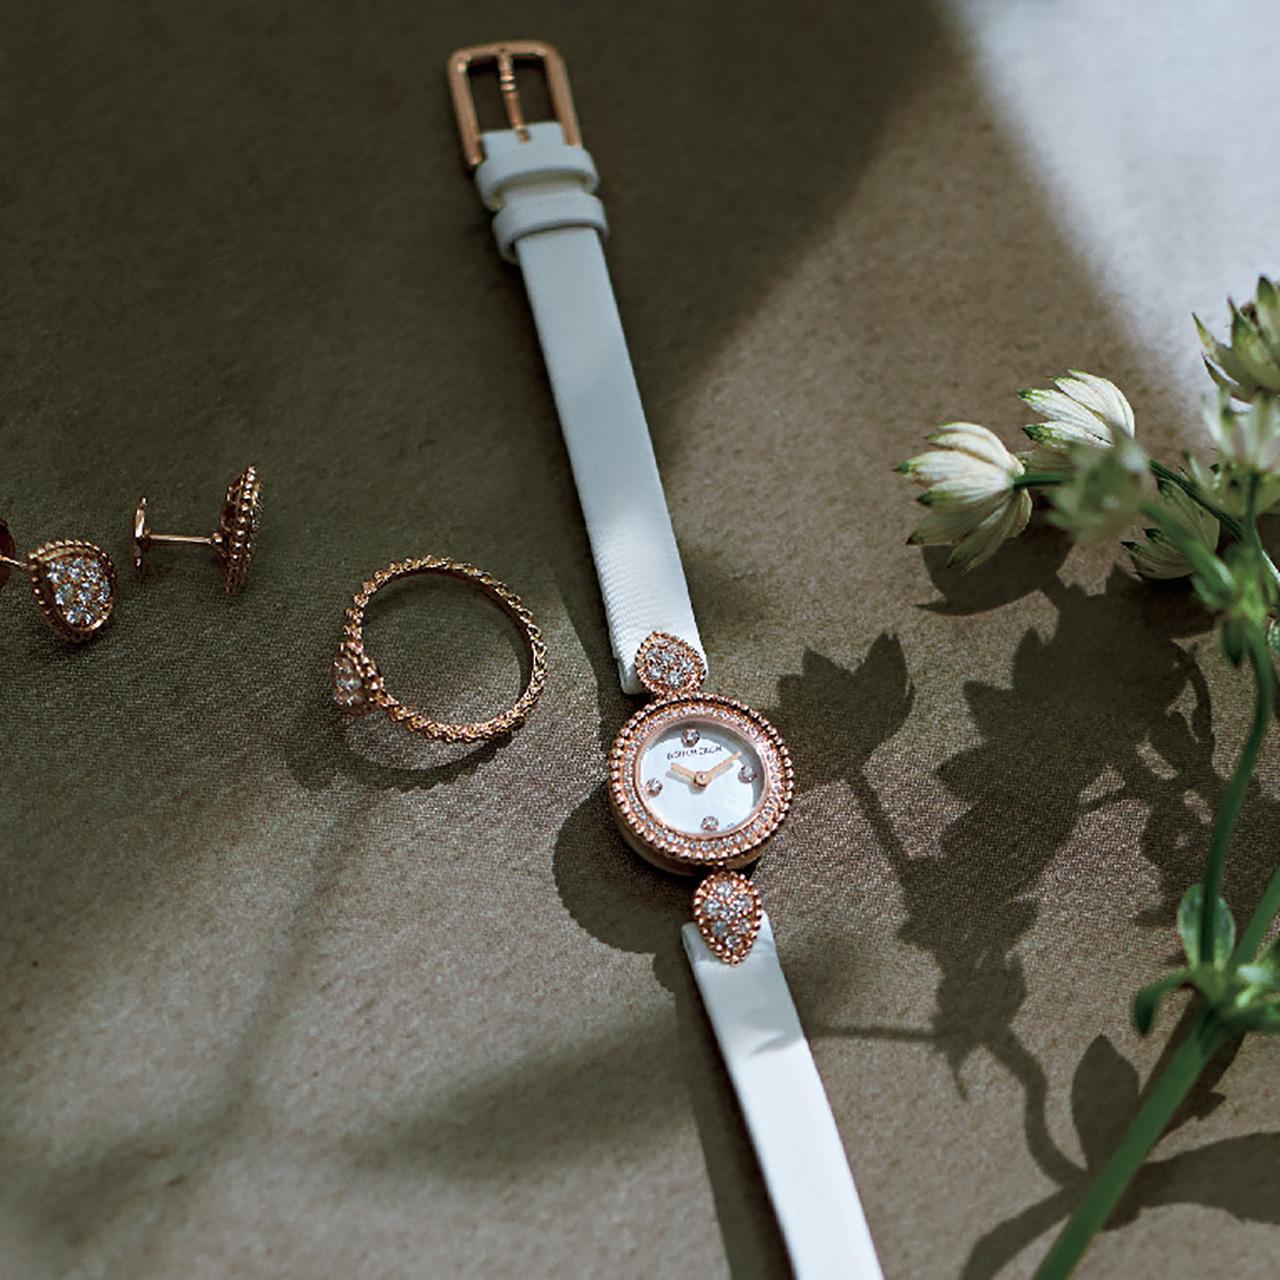 大人の女性にピッタリの時計 photo gallery_1_1-9